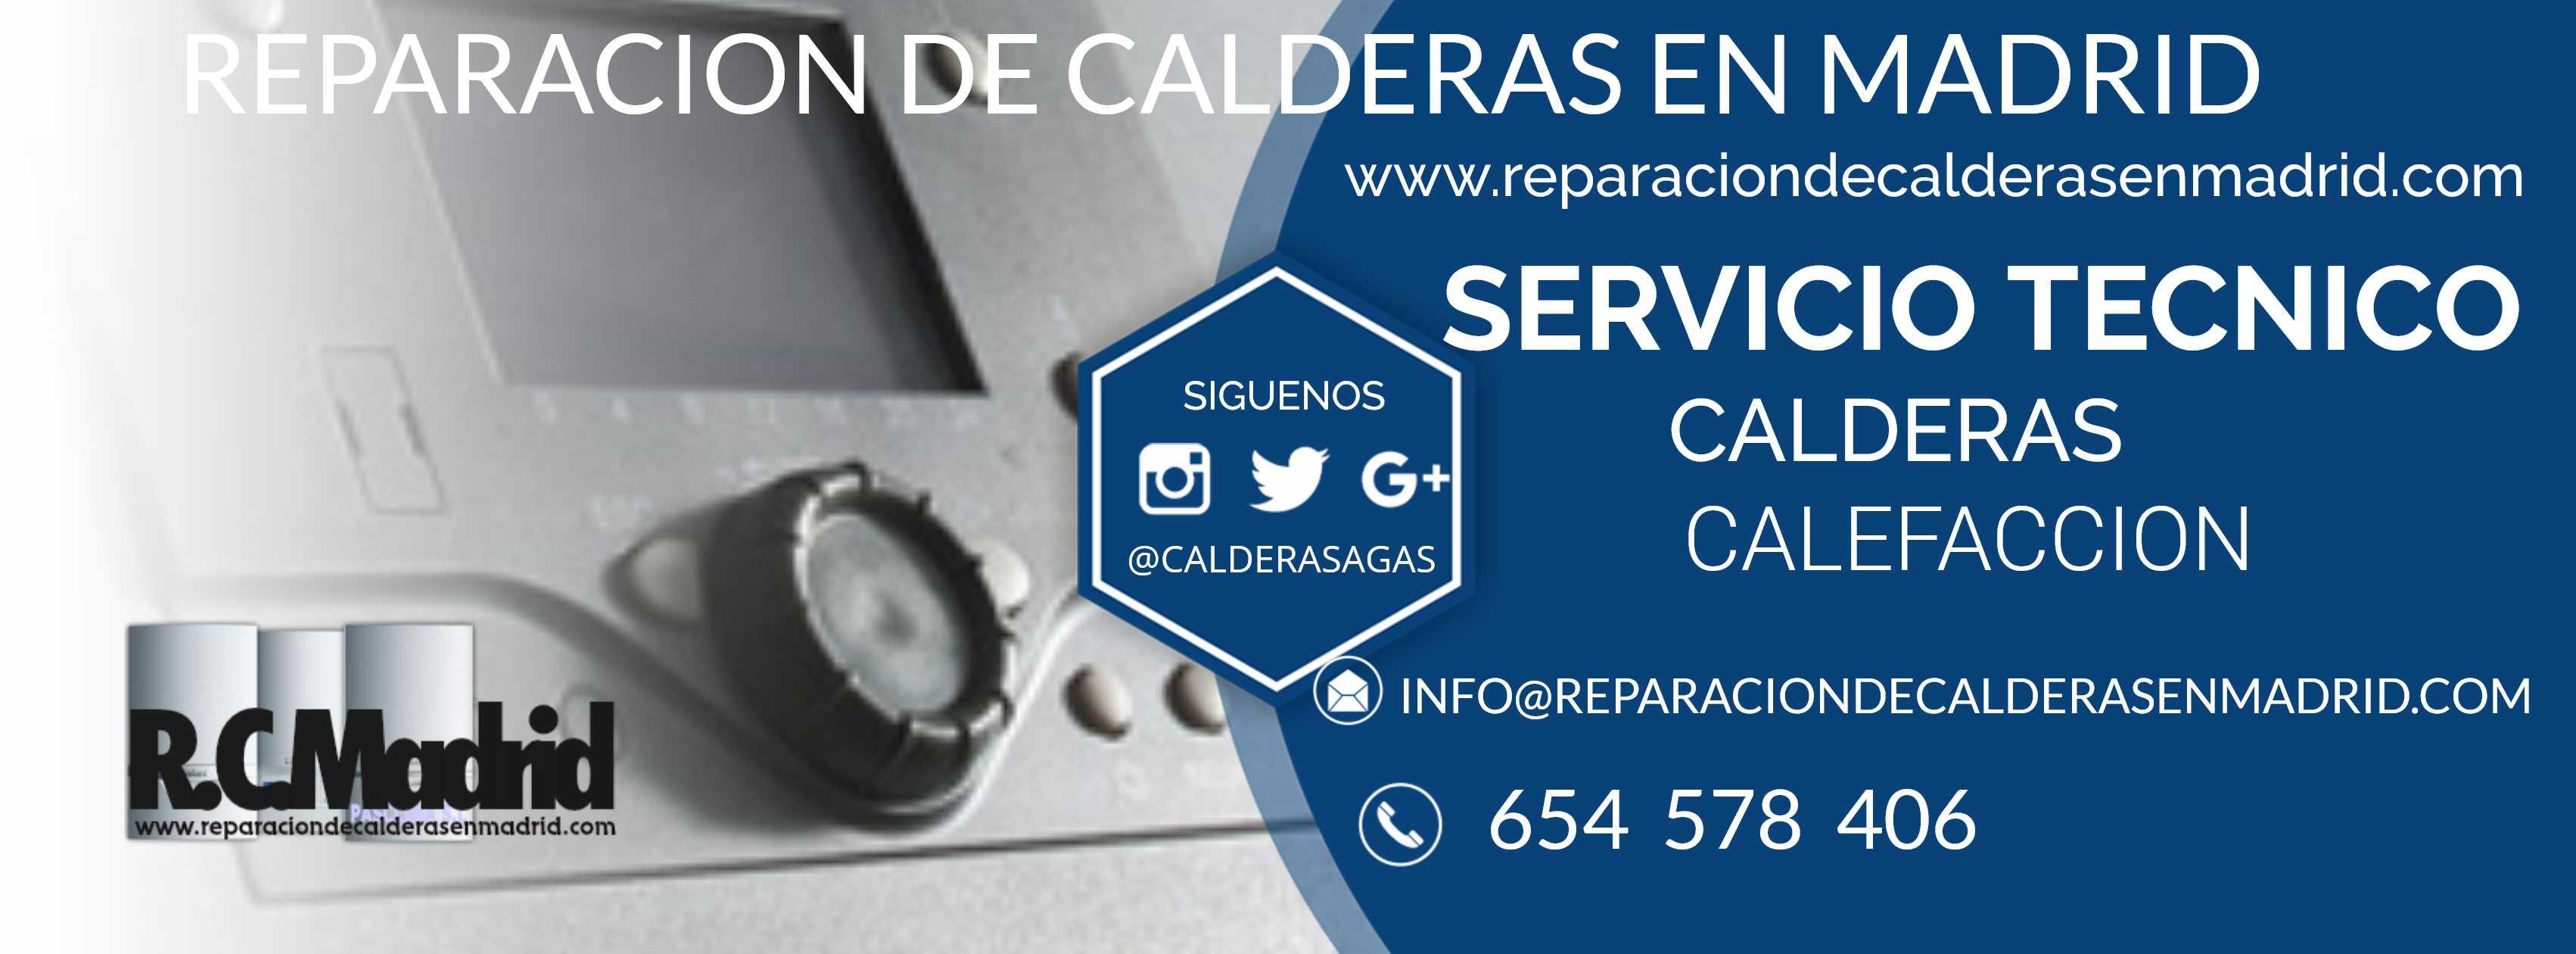 servicio tecnico de calderas